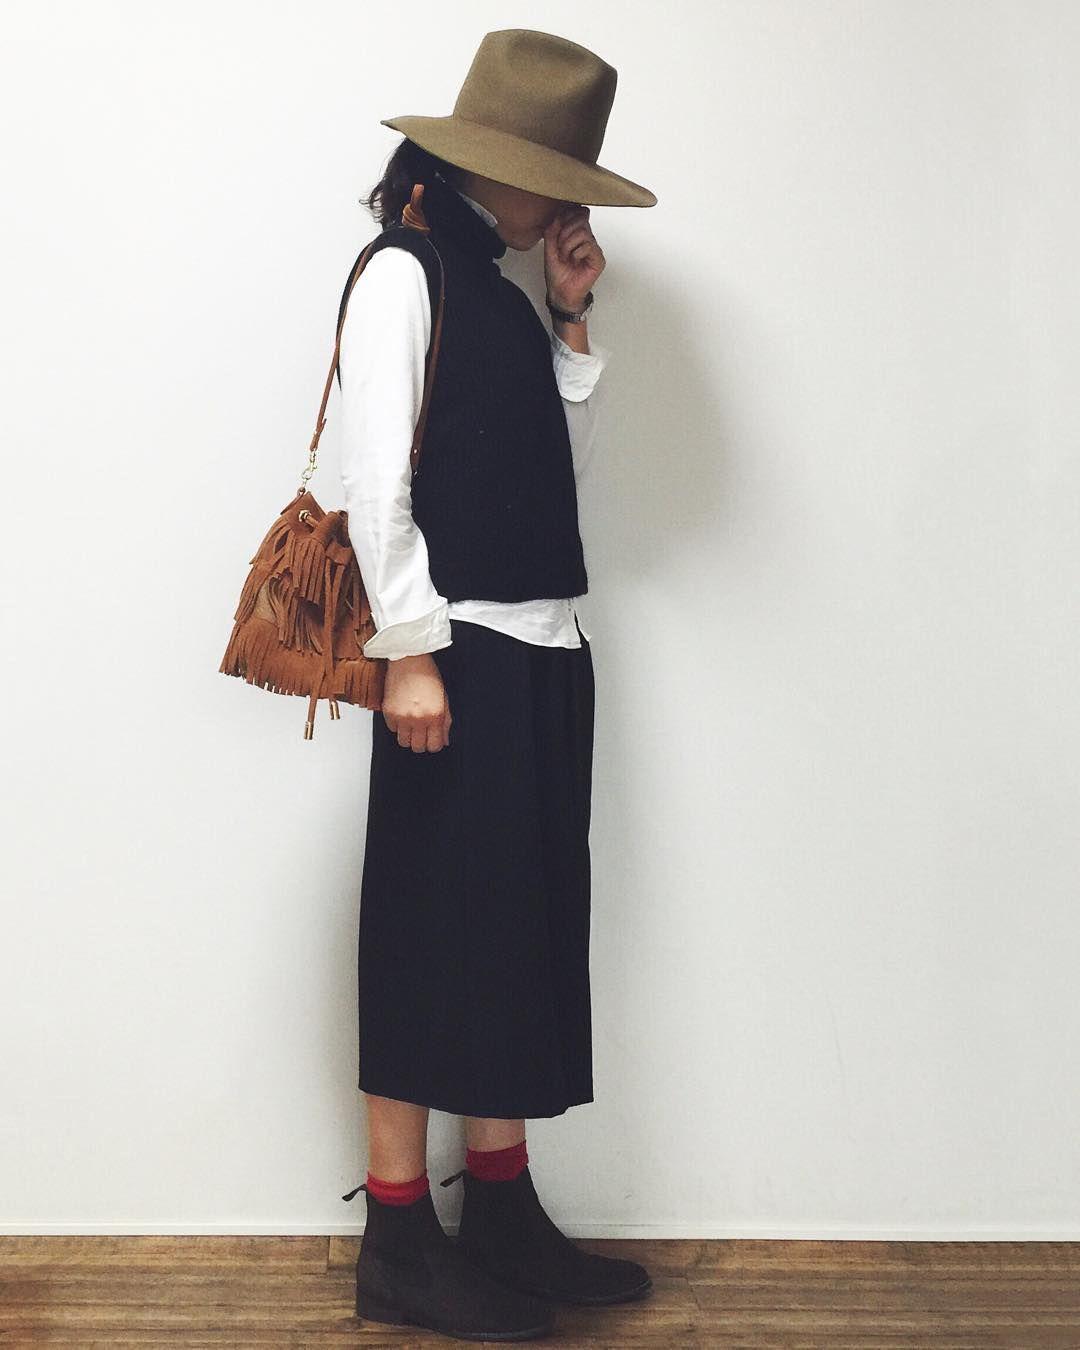 2015.10.20* . 帽子についてたリボン 外してみました♩ . スッキリしていい感じ(●´ڡ`●) はやく外せばよかったなぁ〜 . hat : #beautyandyouth shirt : #edifice best : #gu pants : #zara bag : #hashibami × #urbanresearch socks : #靴下屋 shoes : #KMB